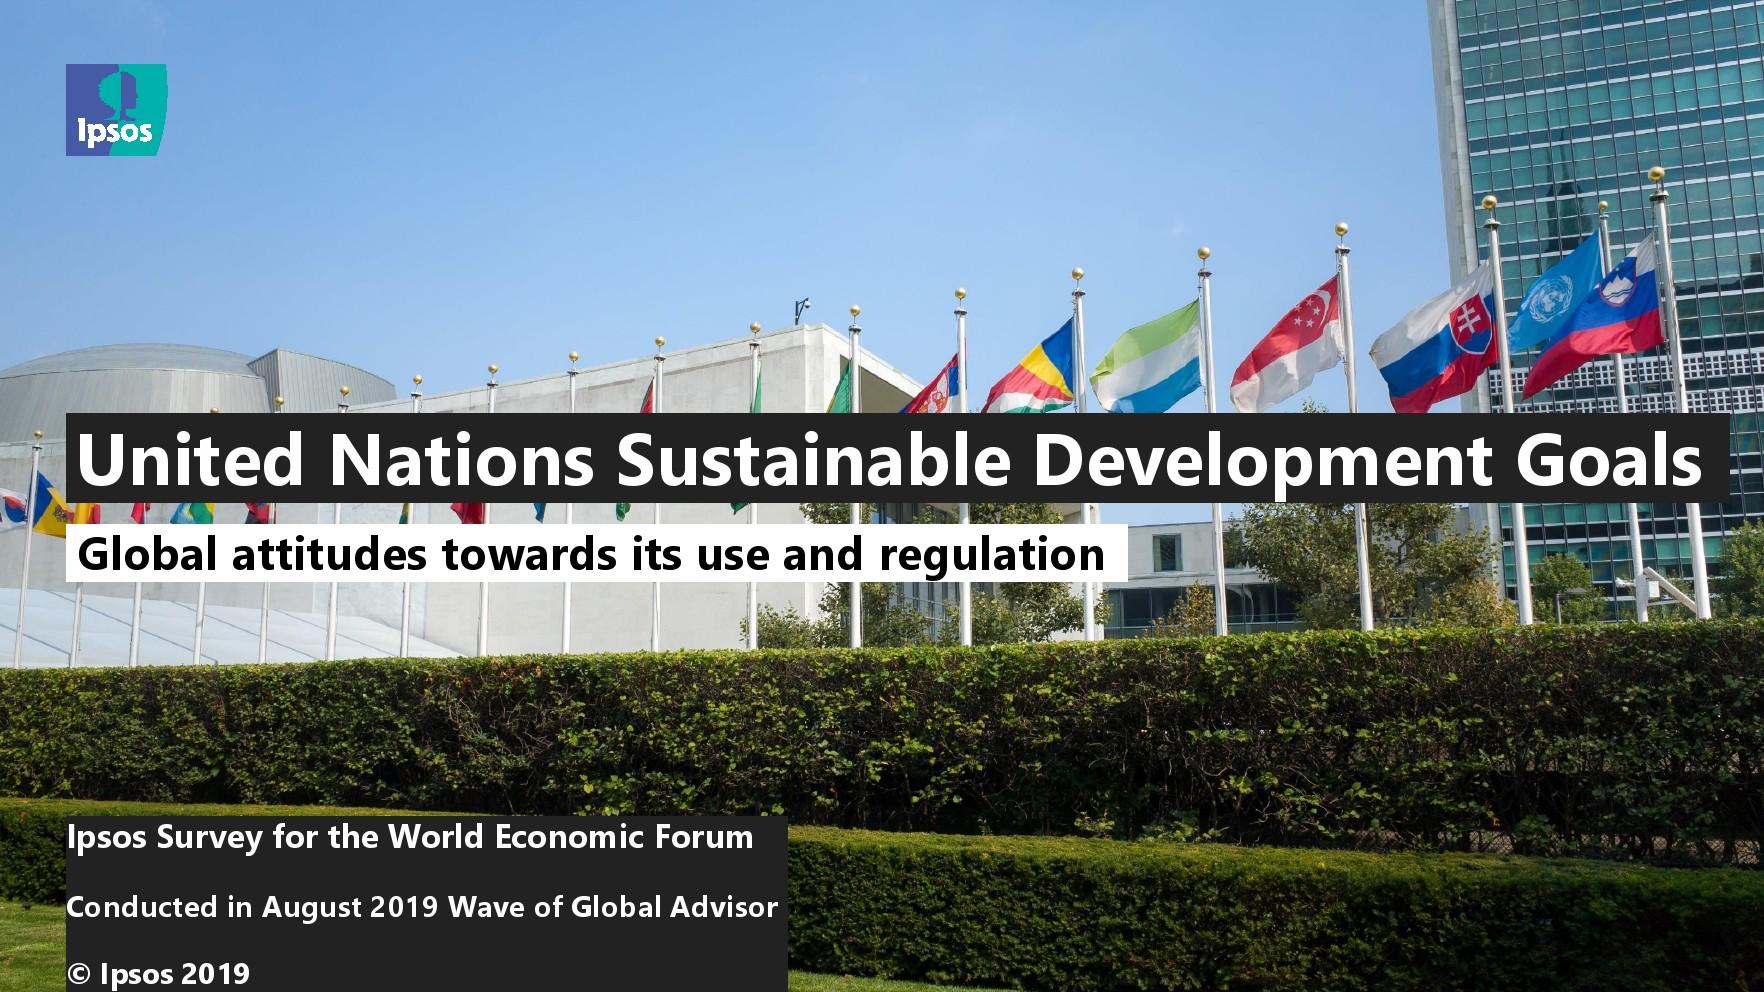 益普索:联合国可持续发展目标认知度调查